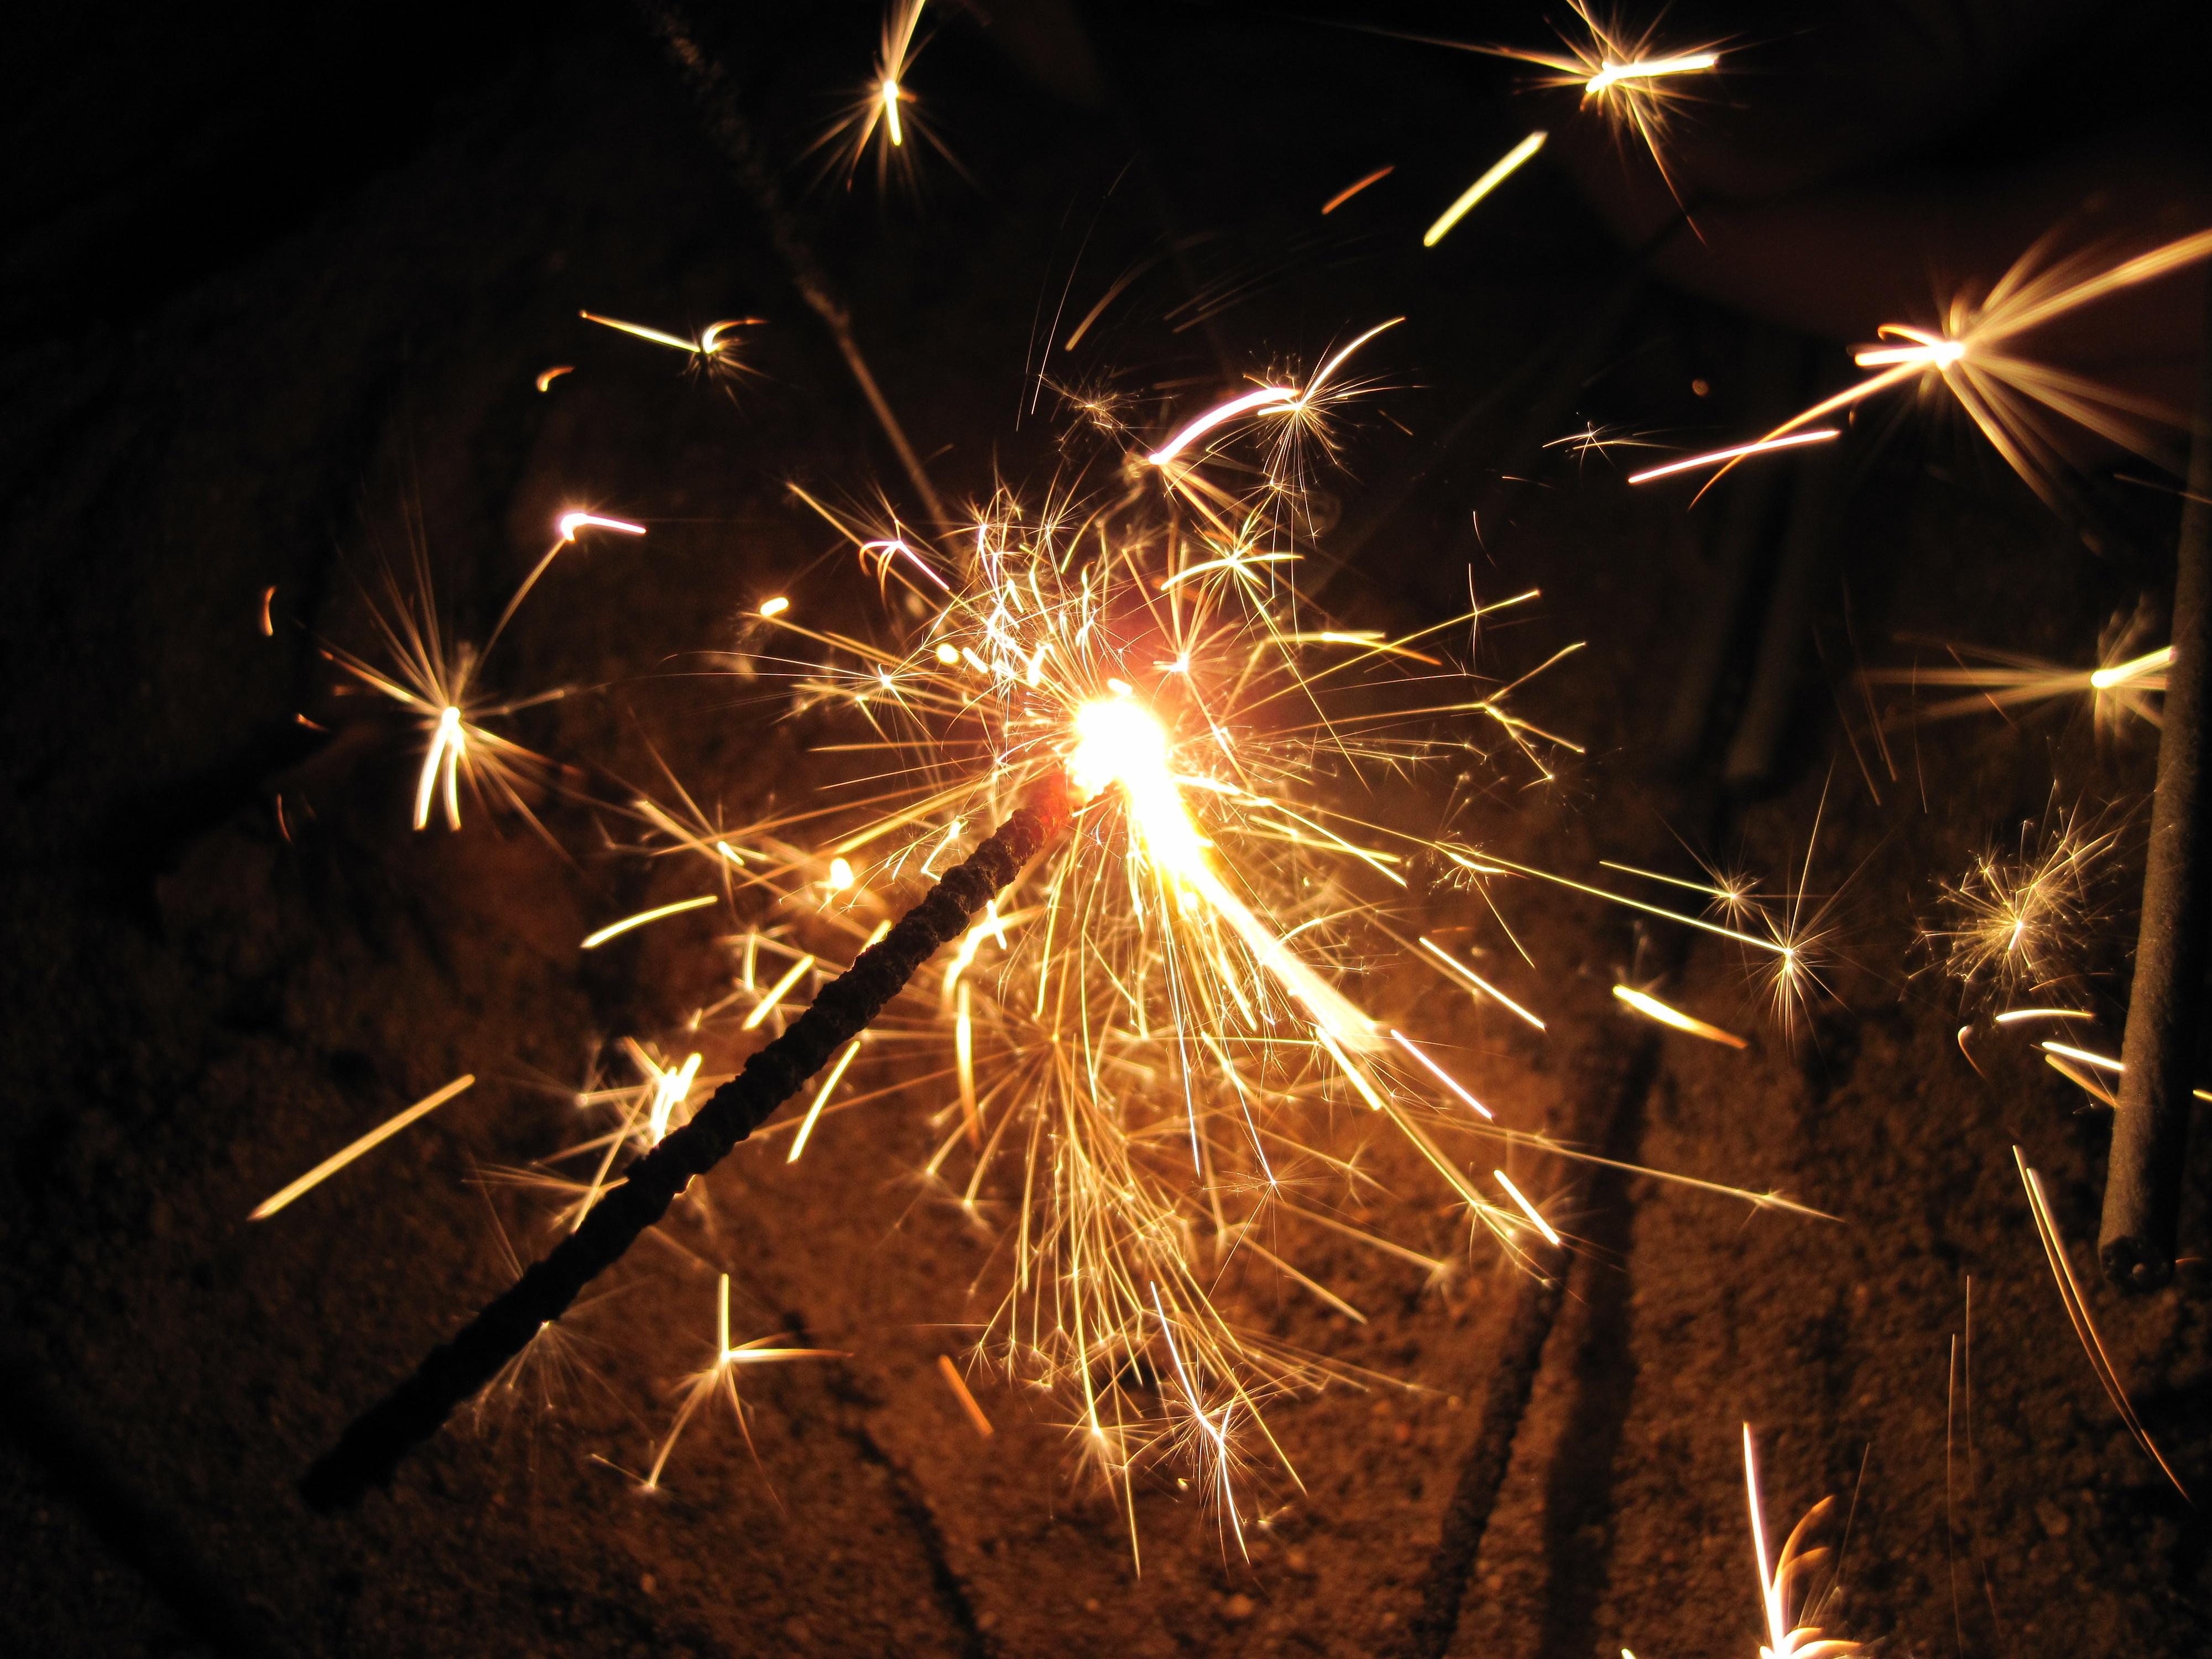 бенгальские огни фото новый год достаточно простой способ